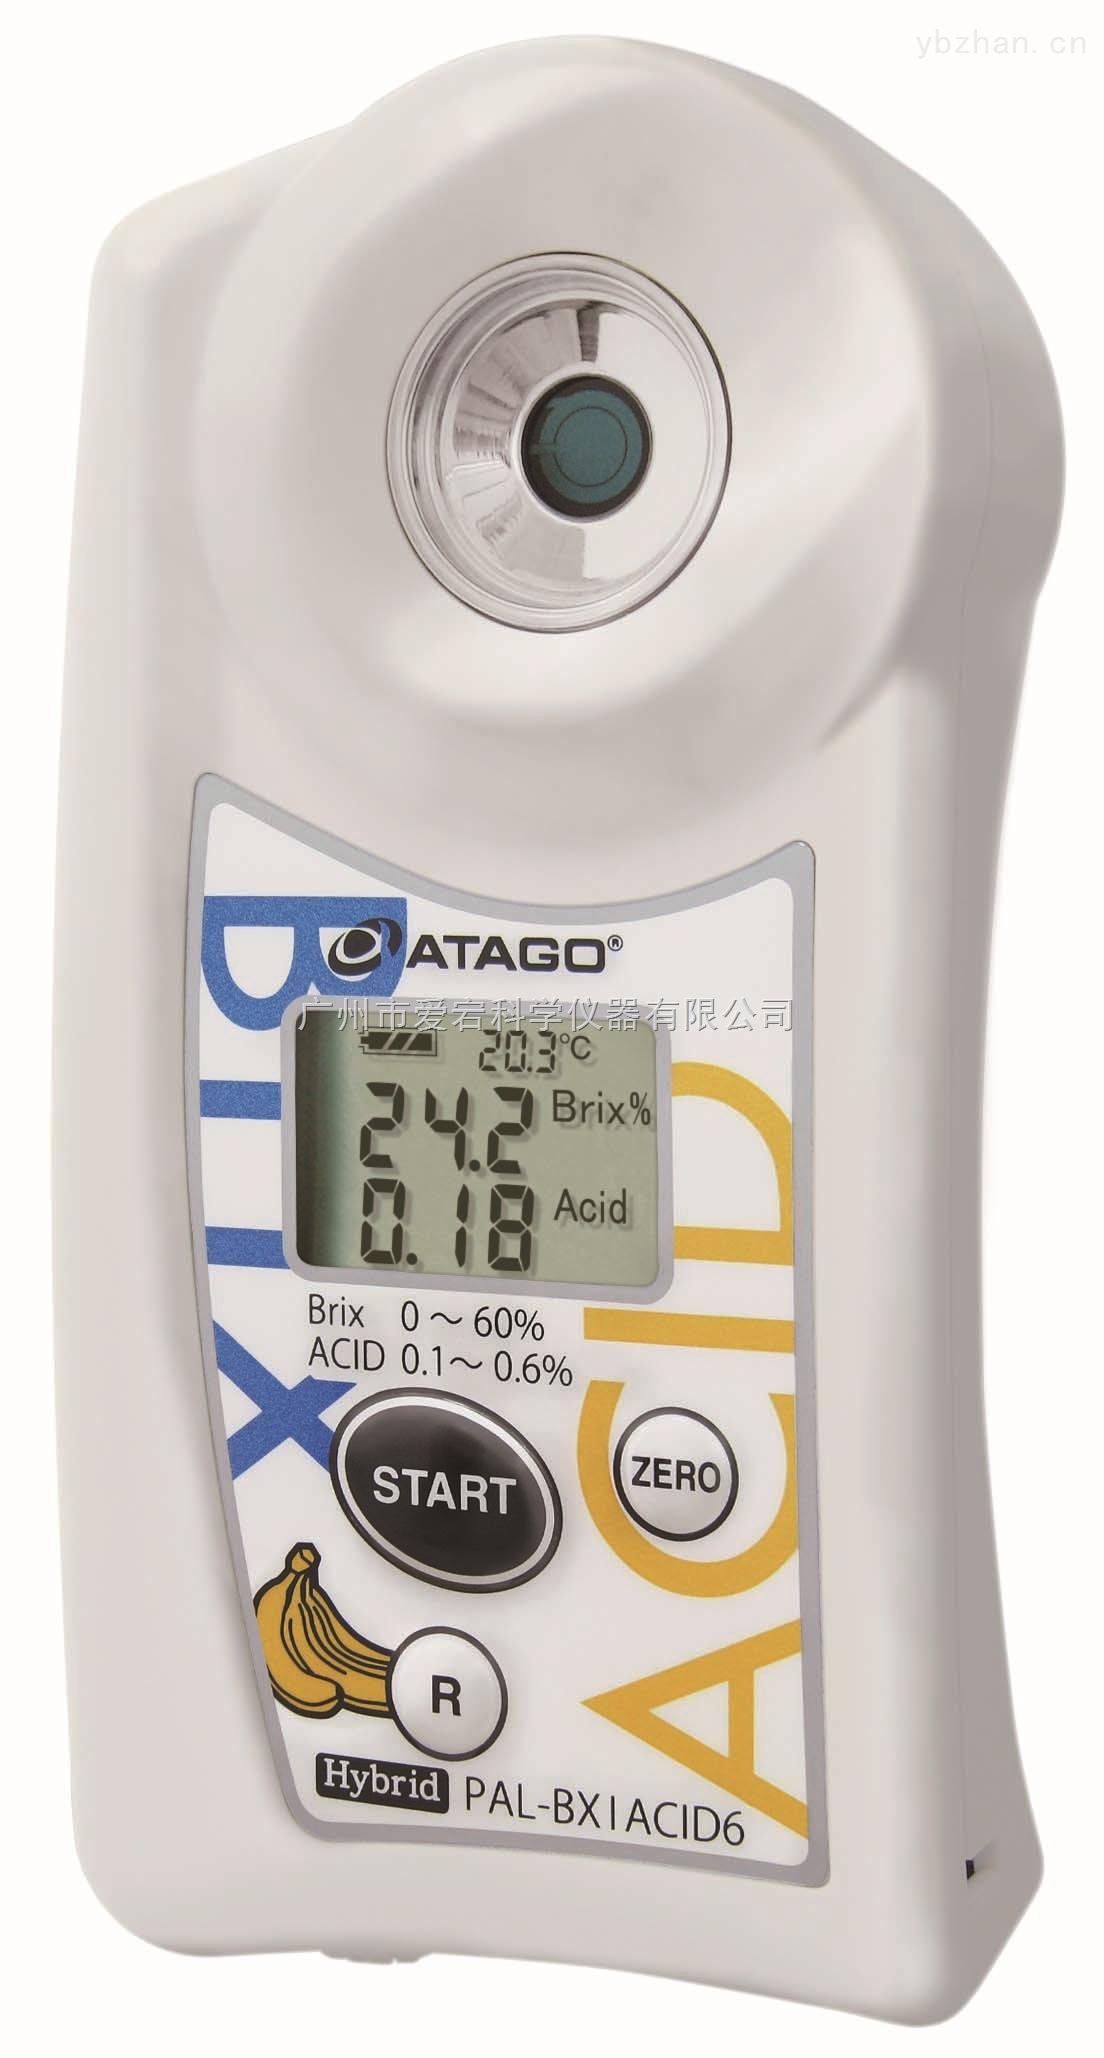 PAL-BX/ACID6-ATAGO爱拓香蕉糖酸一体机